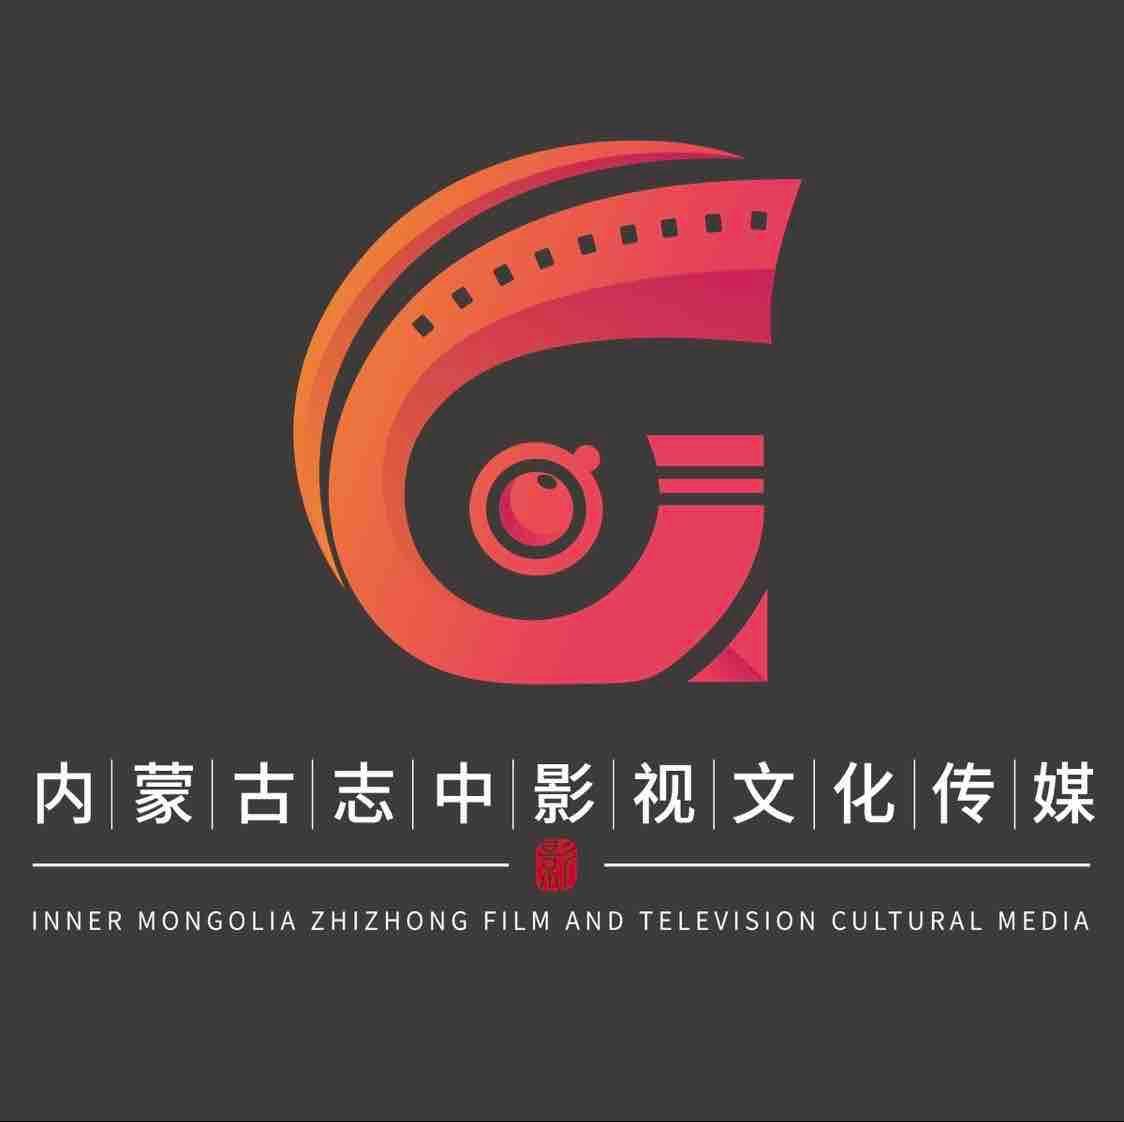 内蒙古志中影视文化传媒